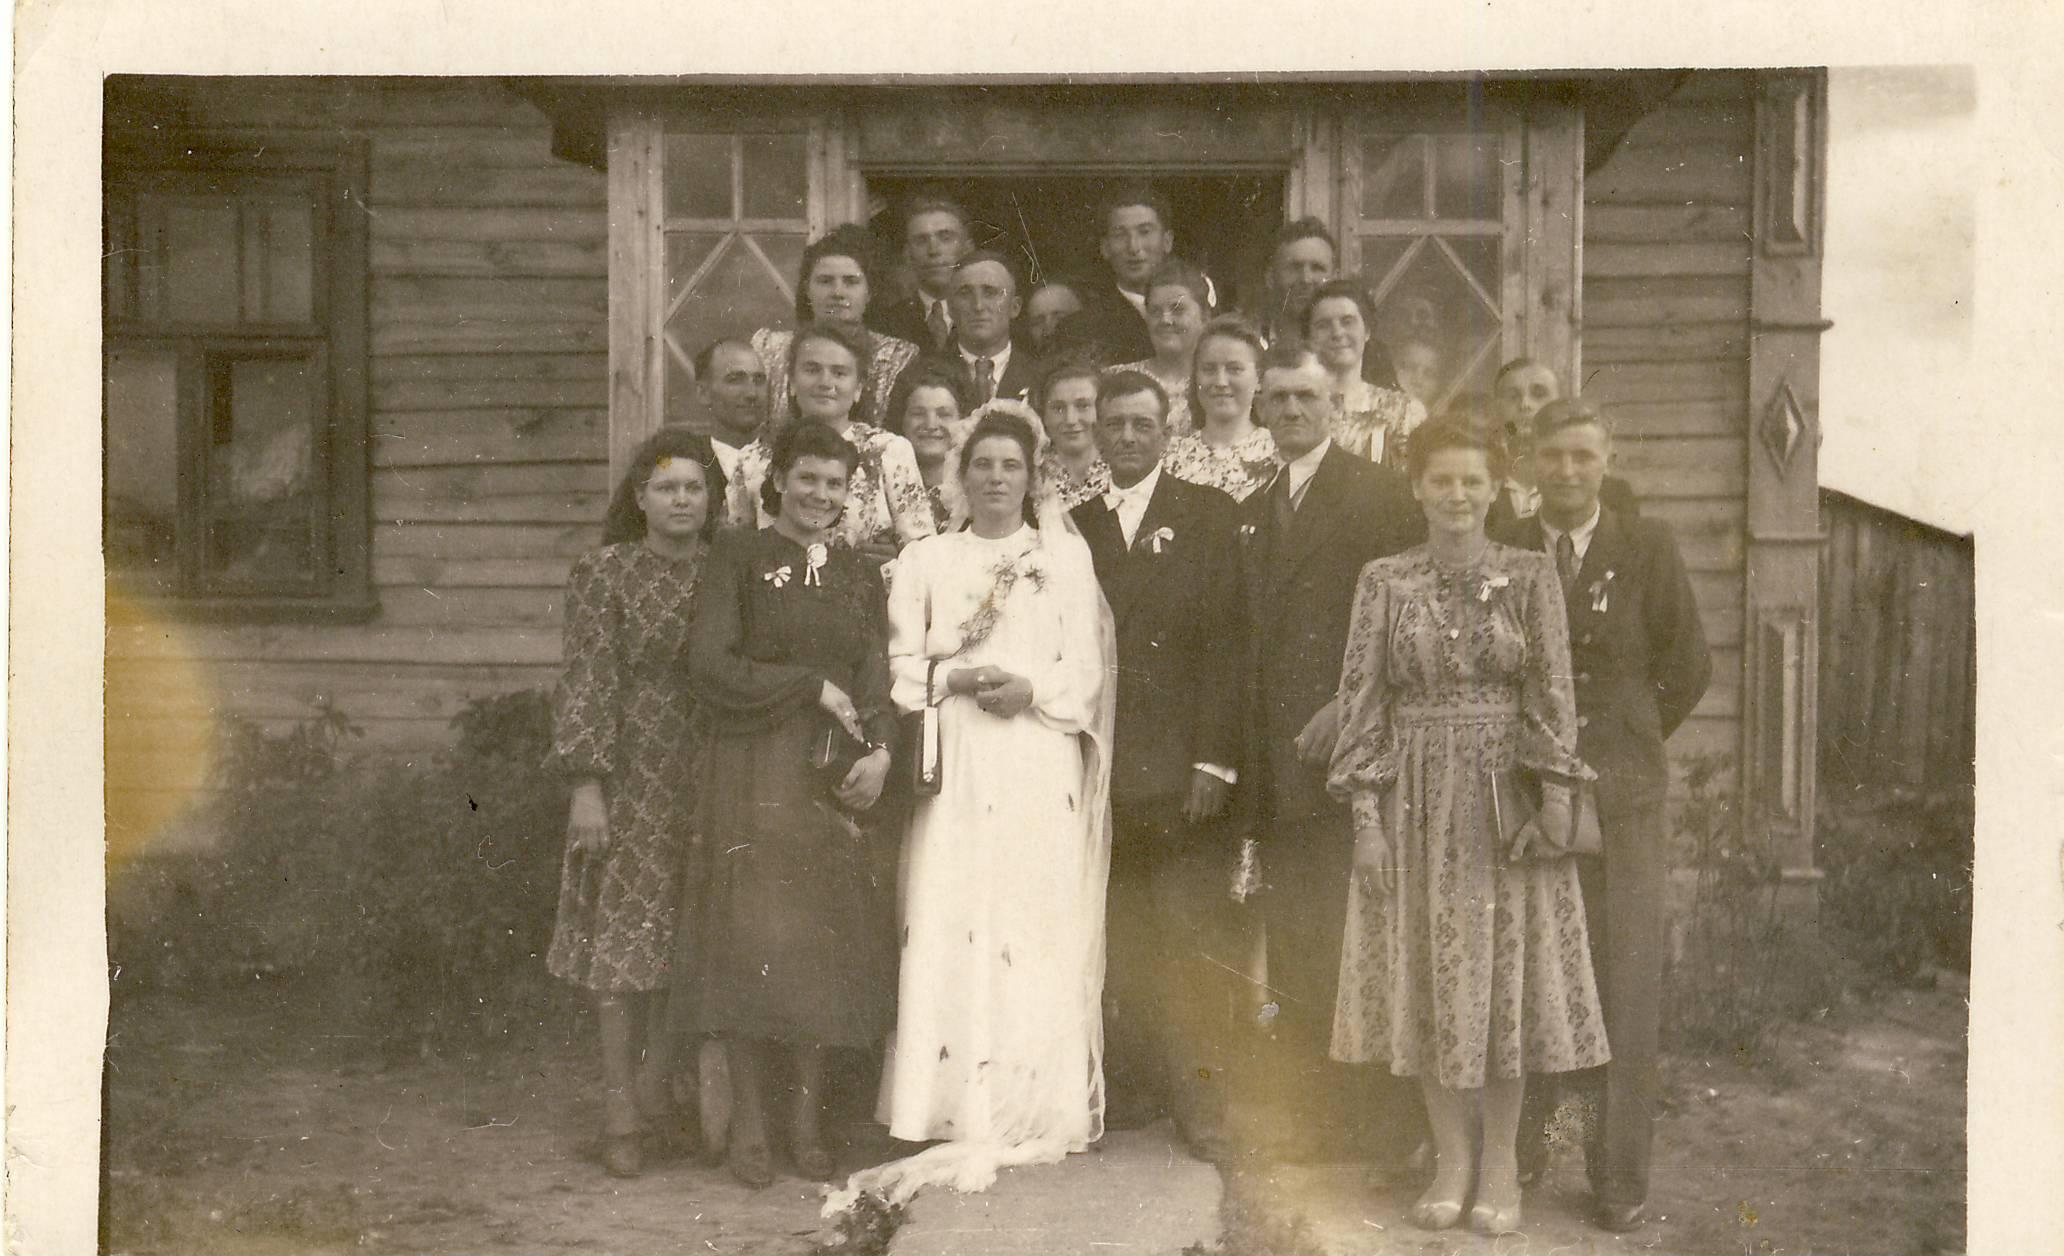 Zapole 1951 rok - wesele Amelii (na zdjęciu widoczny charakterystyczny ganek zapolskiego domu)